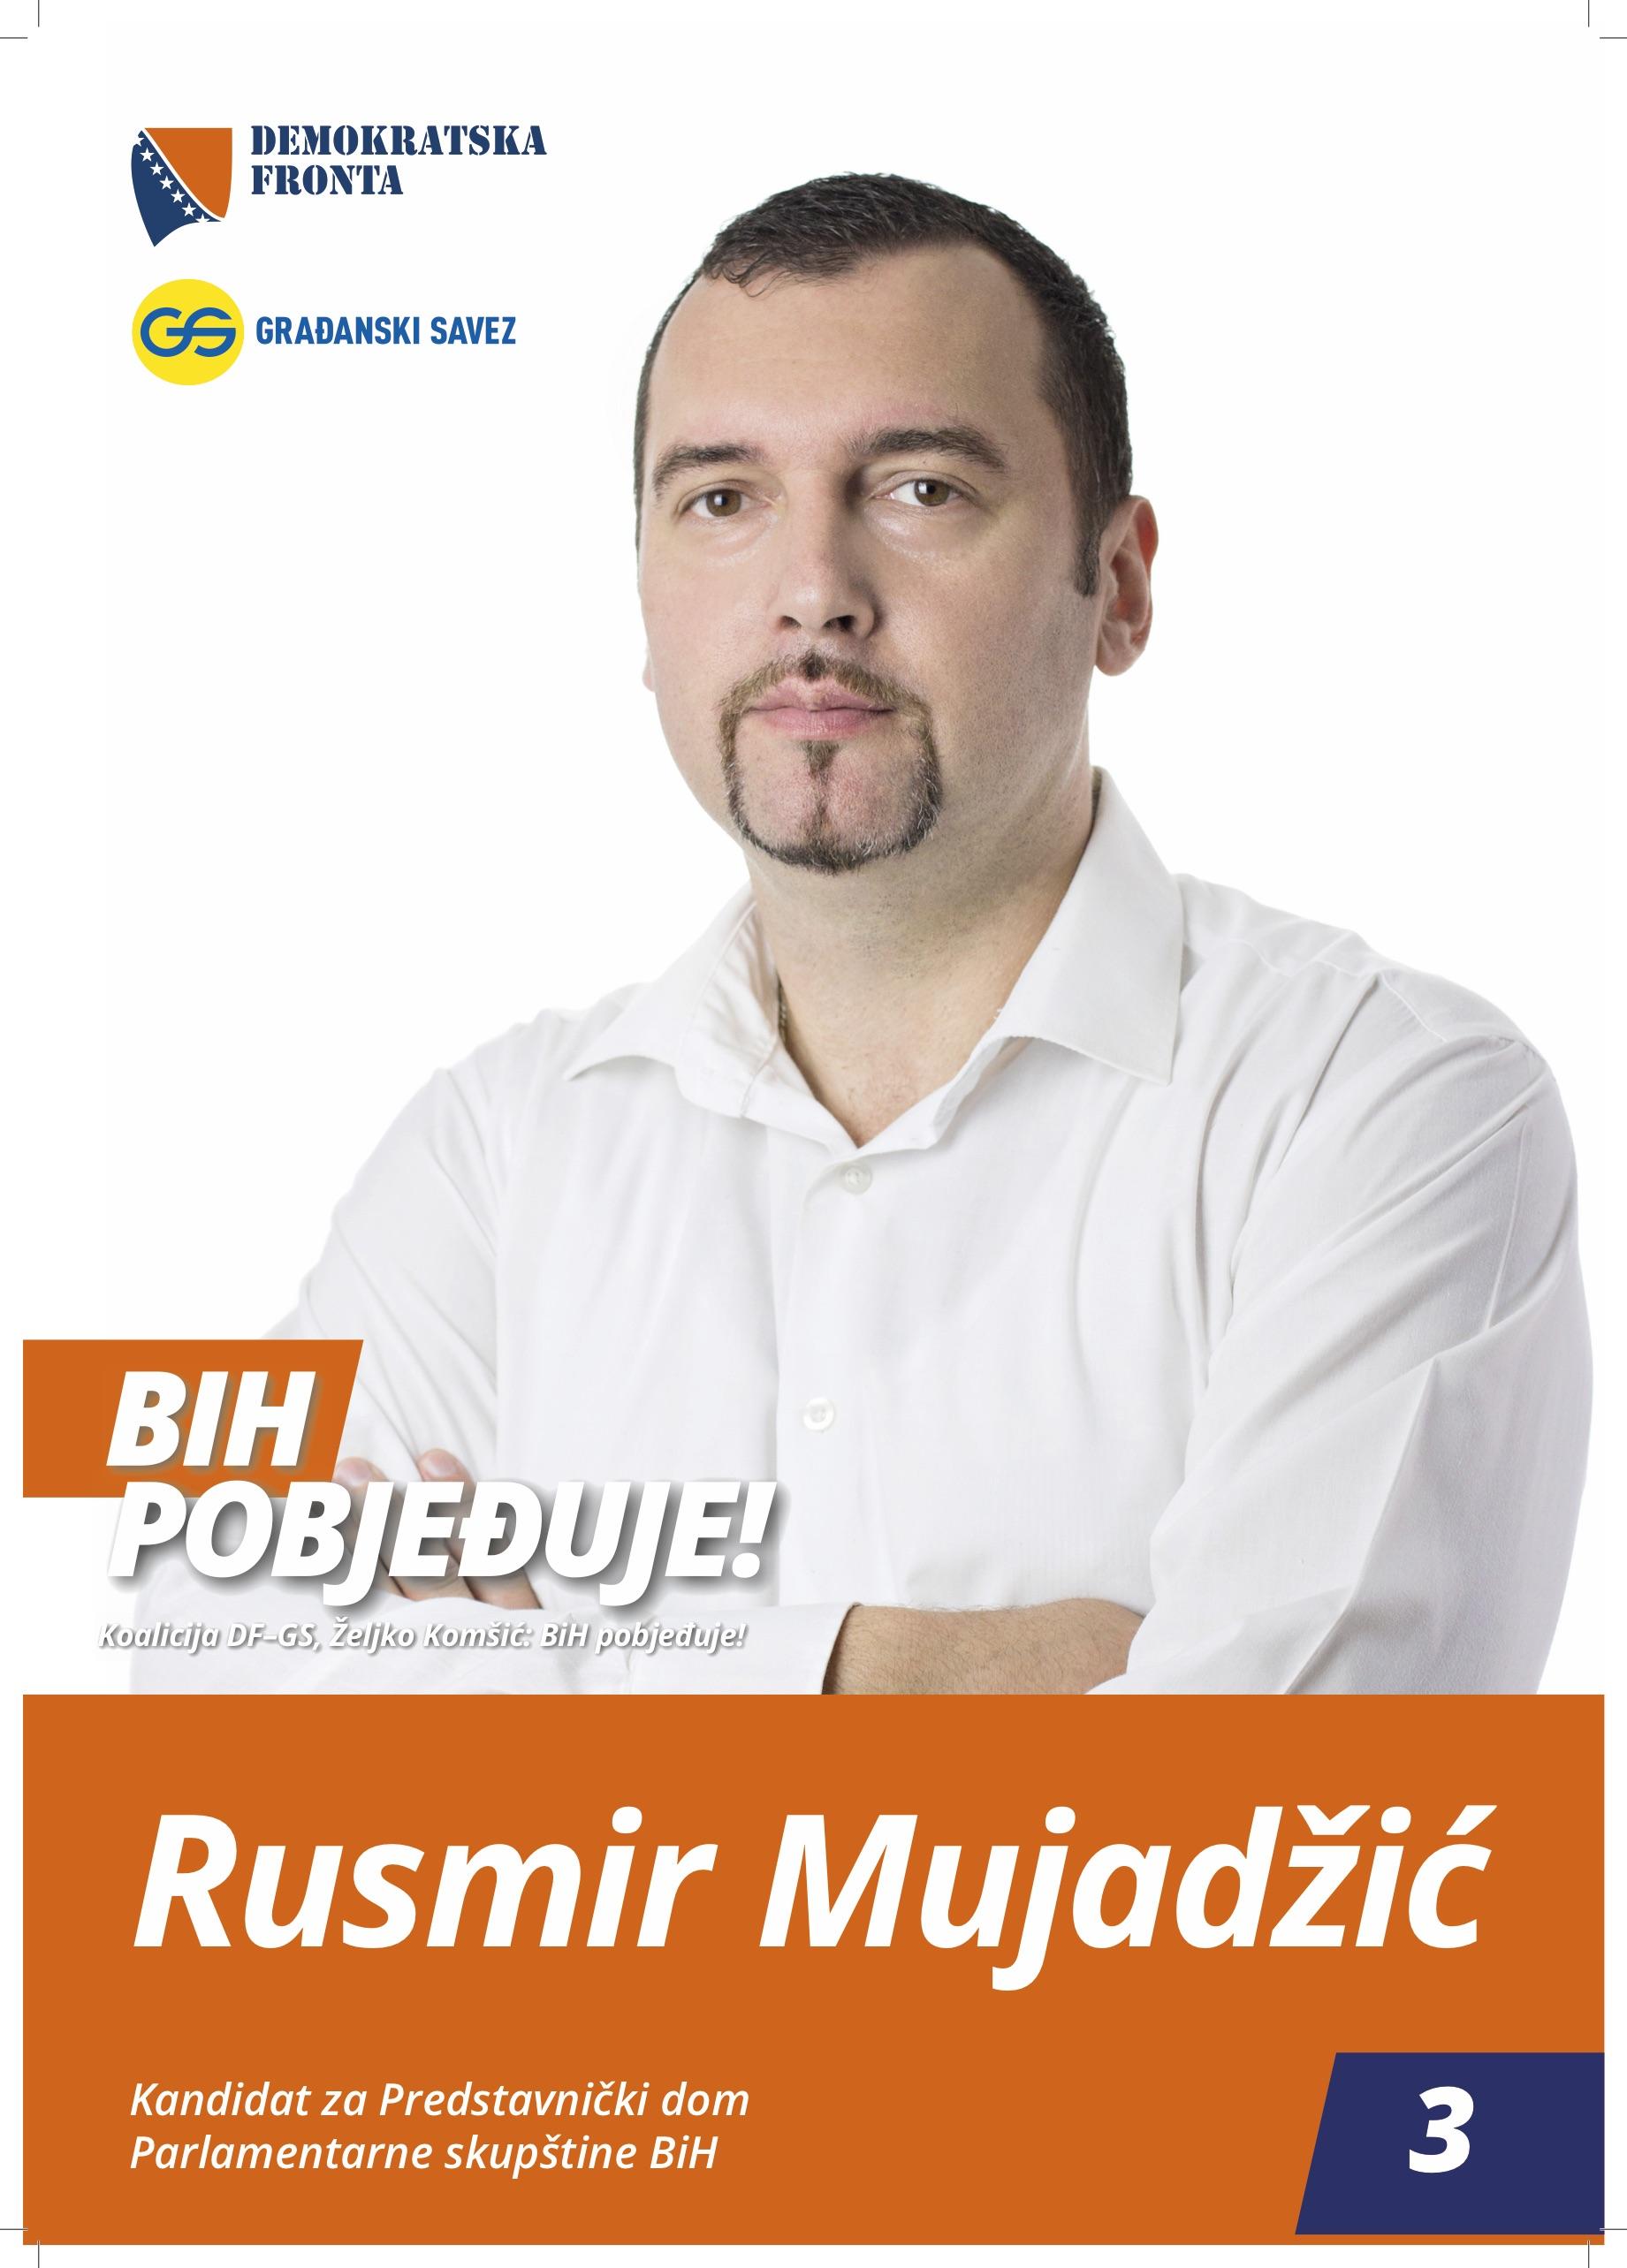 Rusmir Mujadžić, sanitarni inžinjer